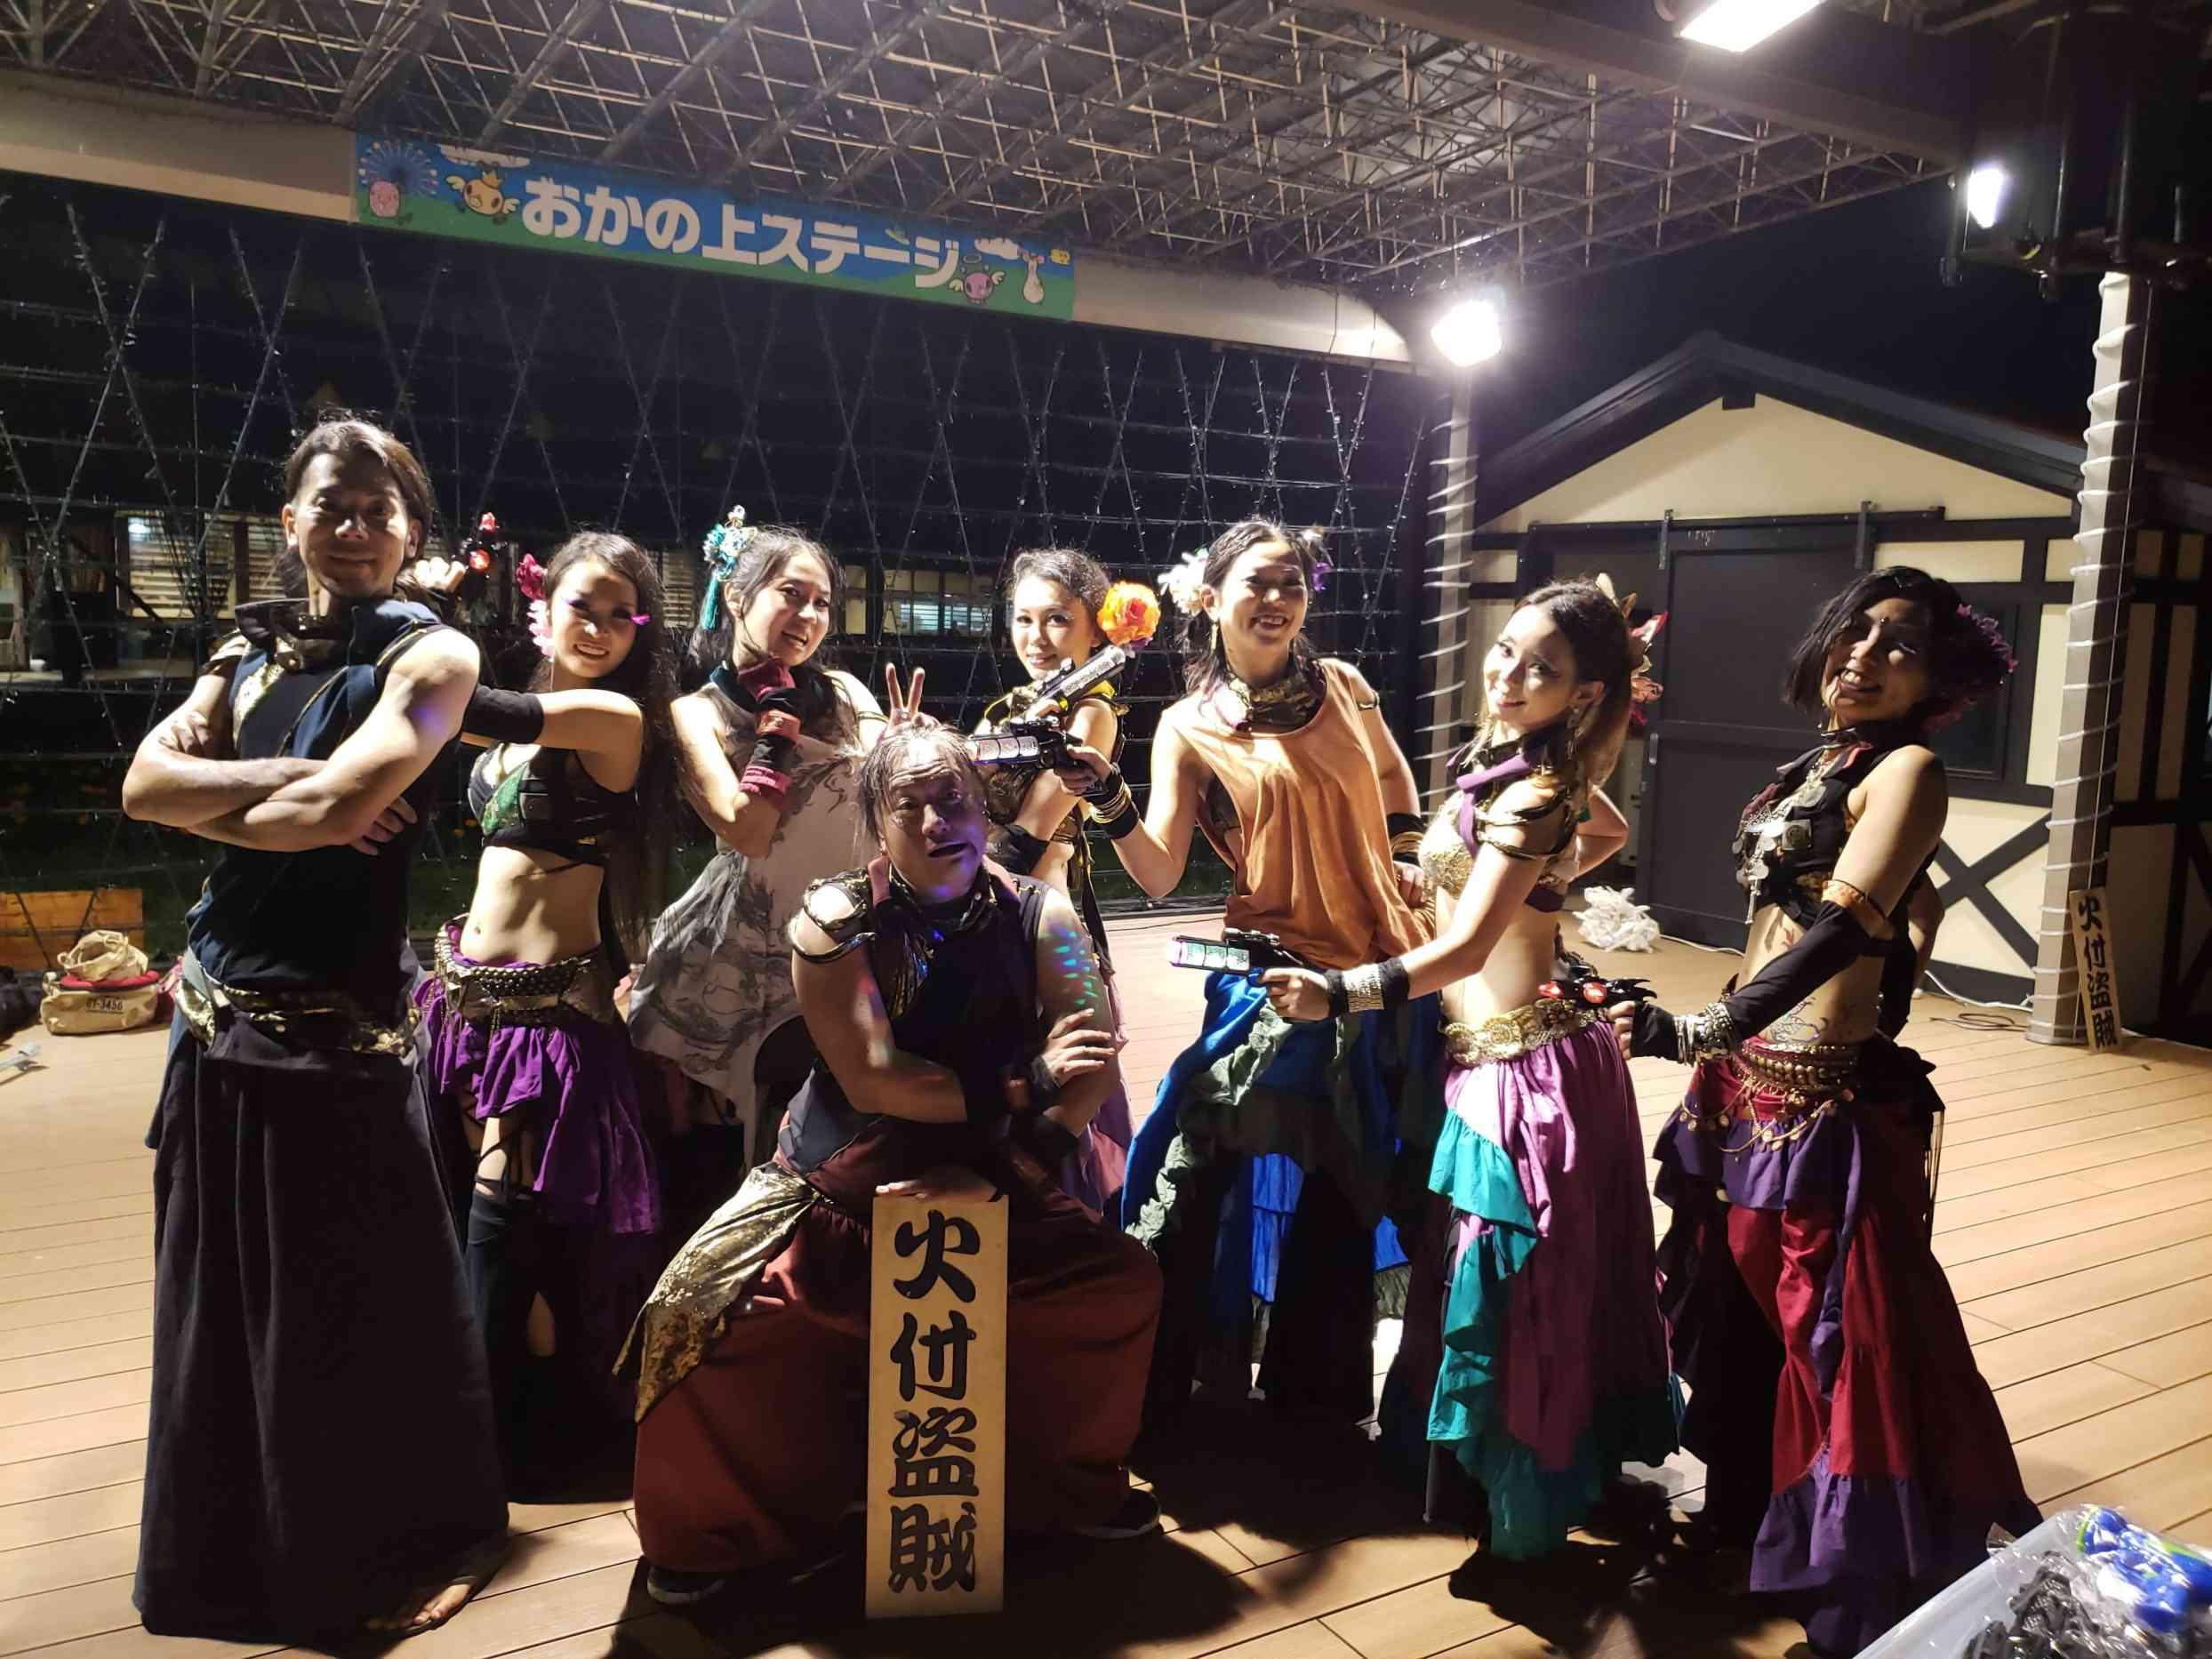 東京ドイツ村の夏イベントサマーフェスタでイルミネーションとファイアーショー